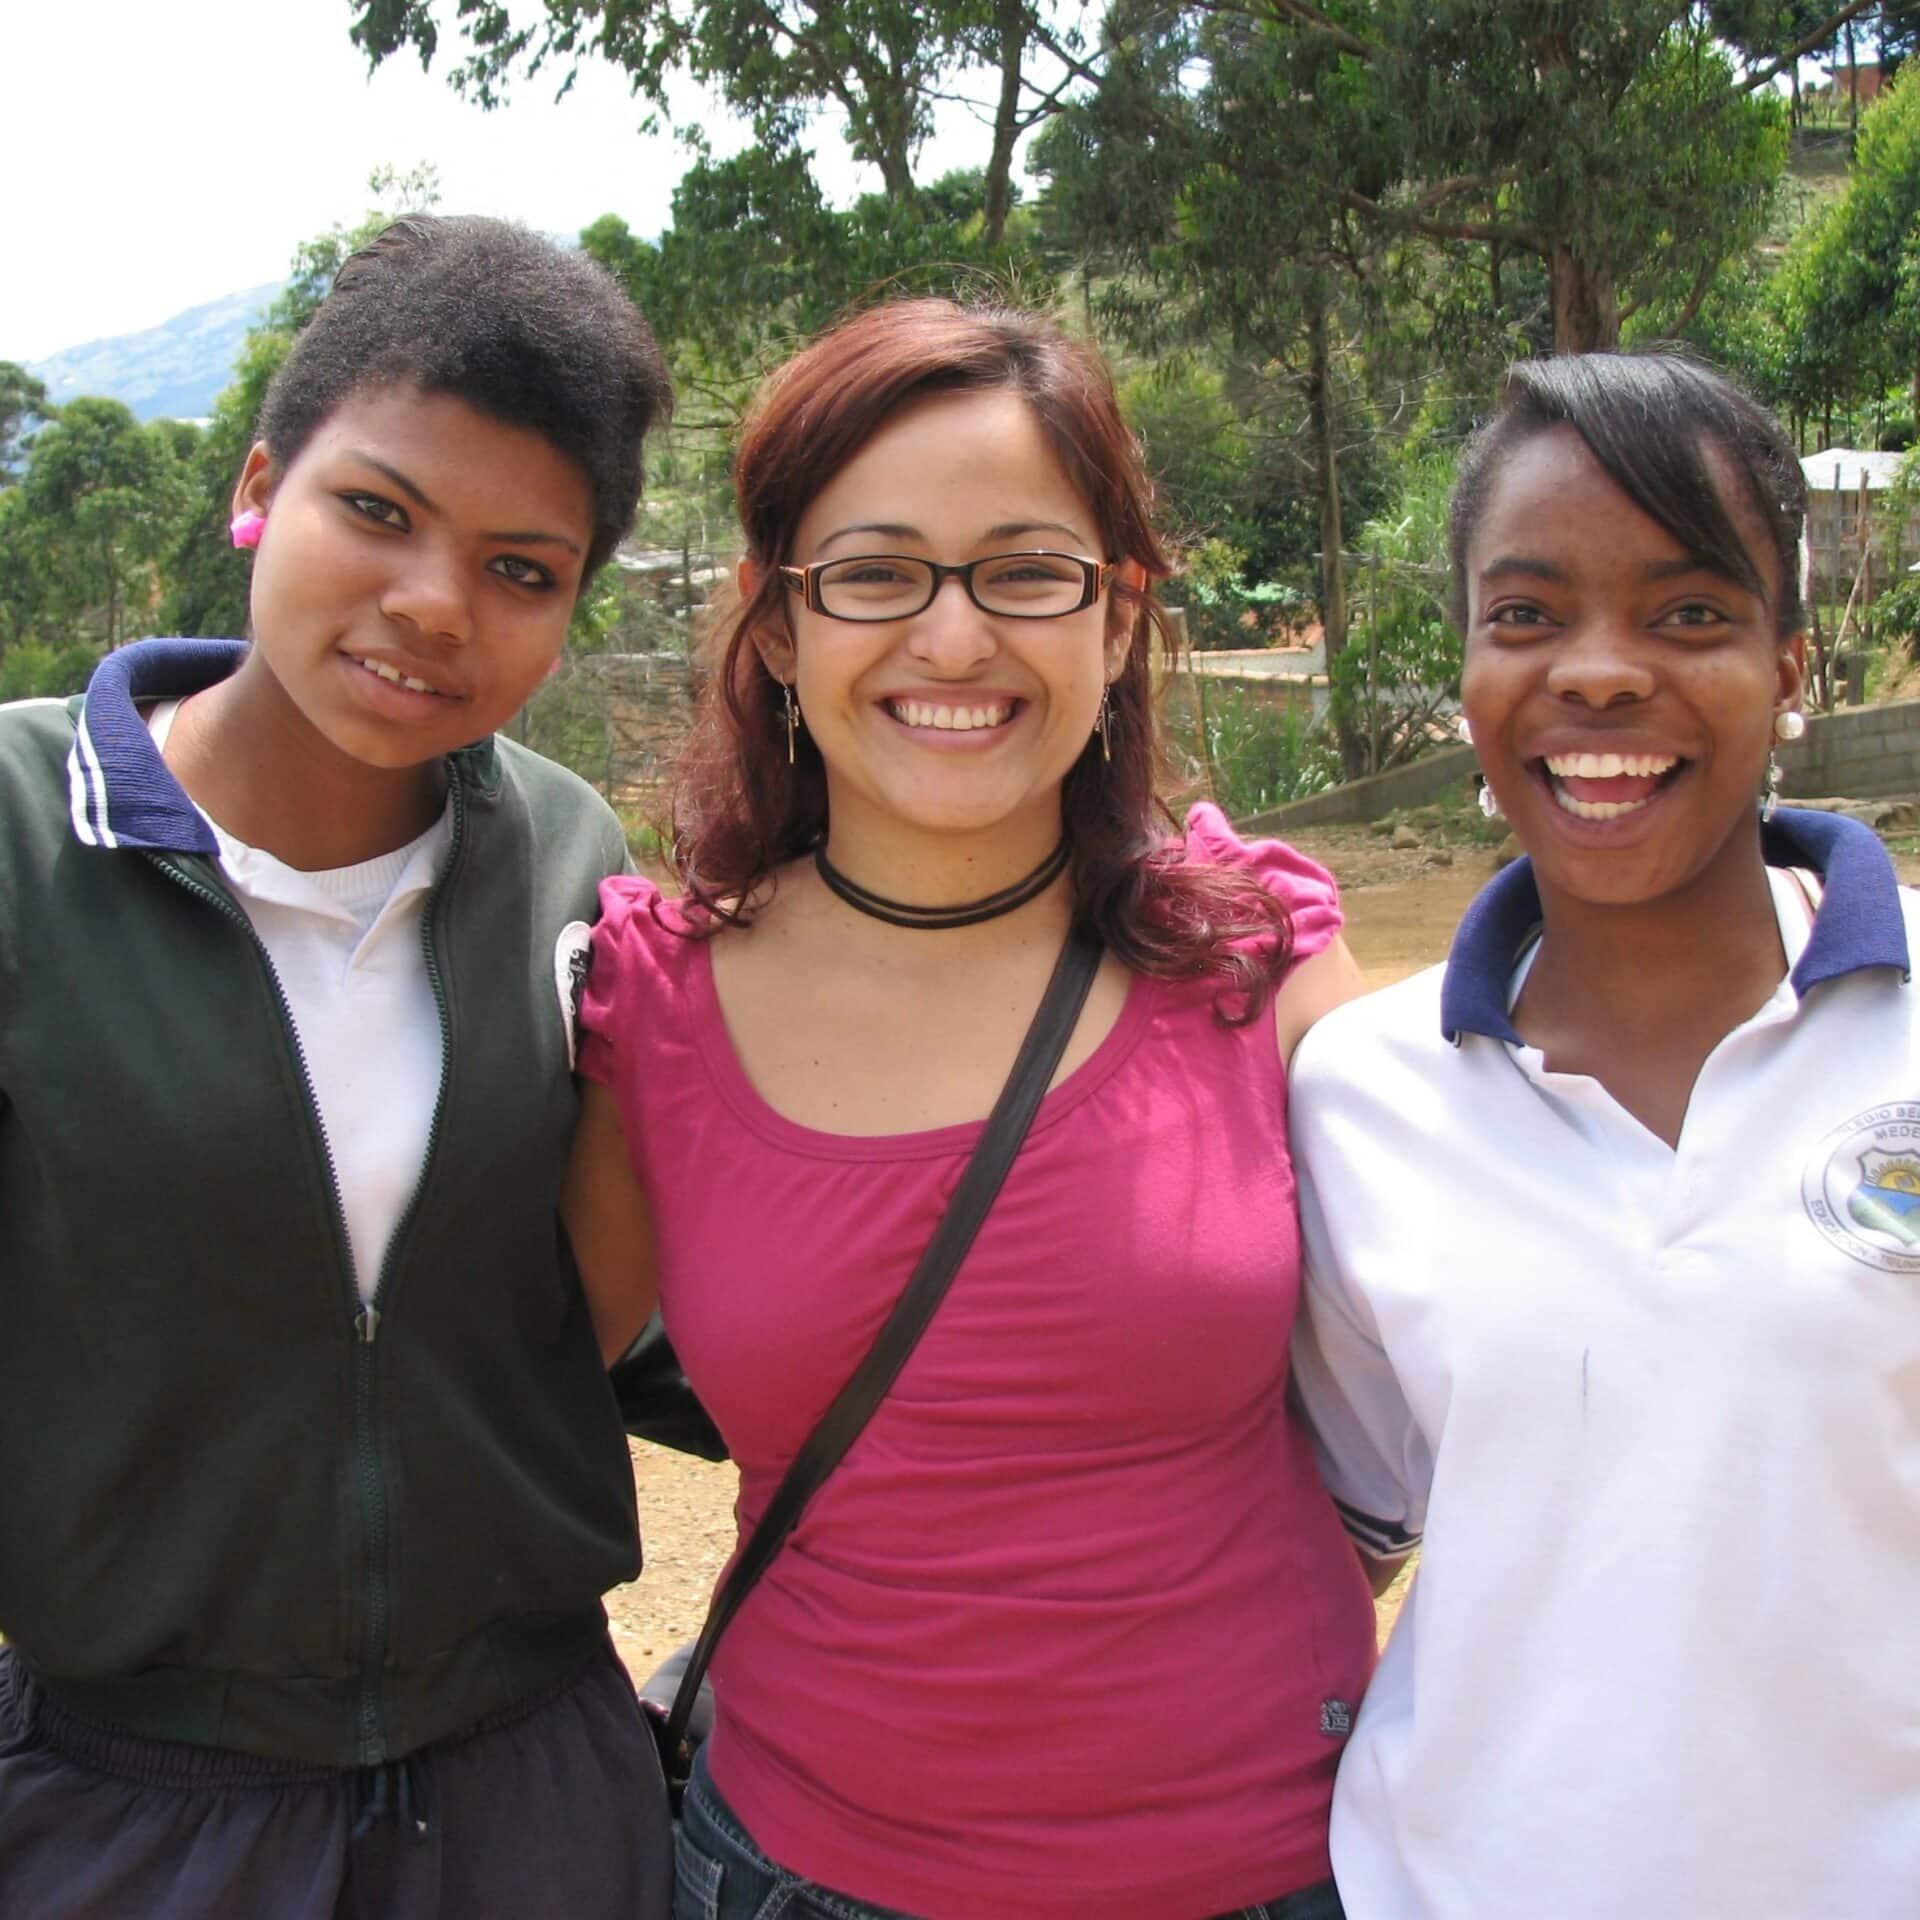 Drei junge Frauen aus Antioquia, Kolumbien stehen Arm in Arm lächelnd.